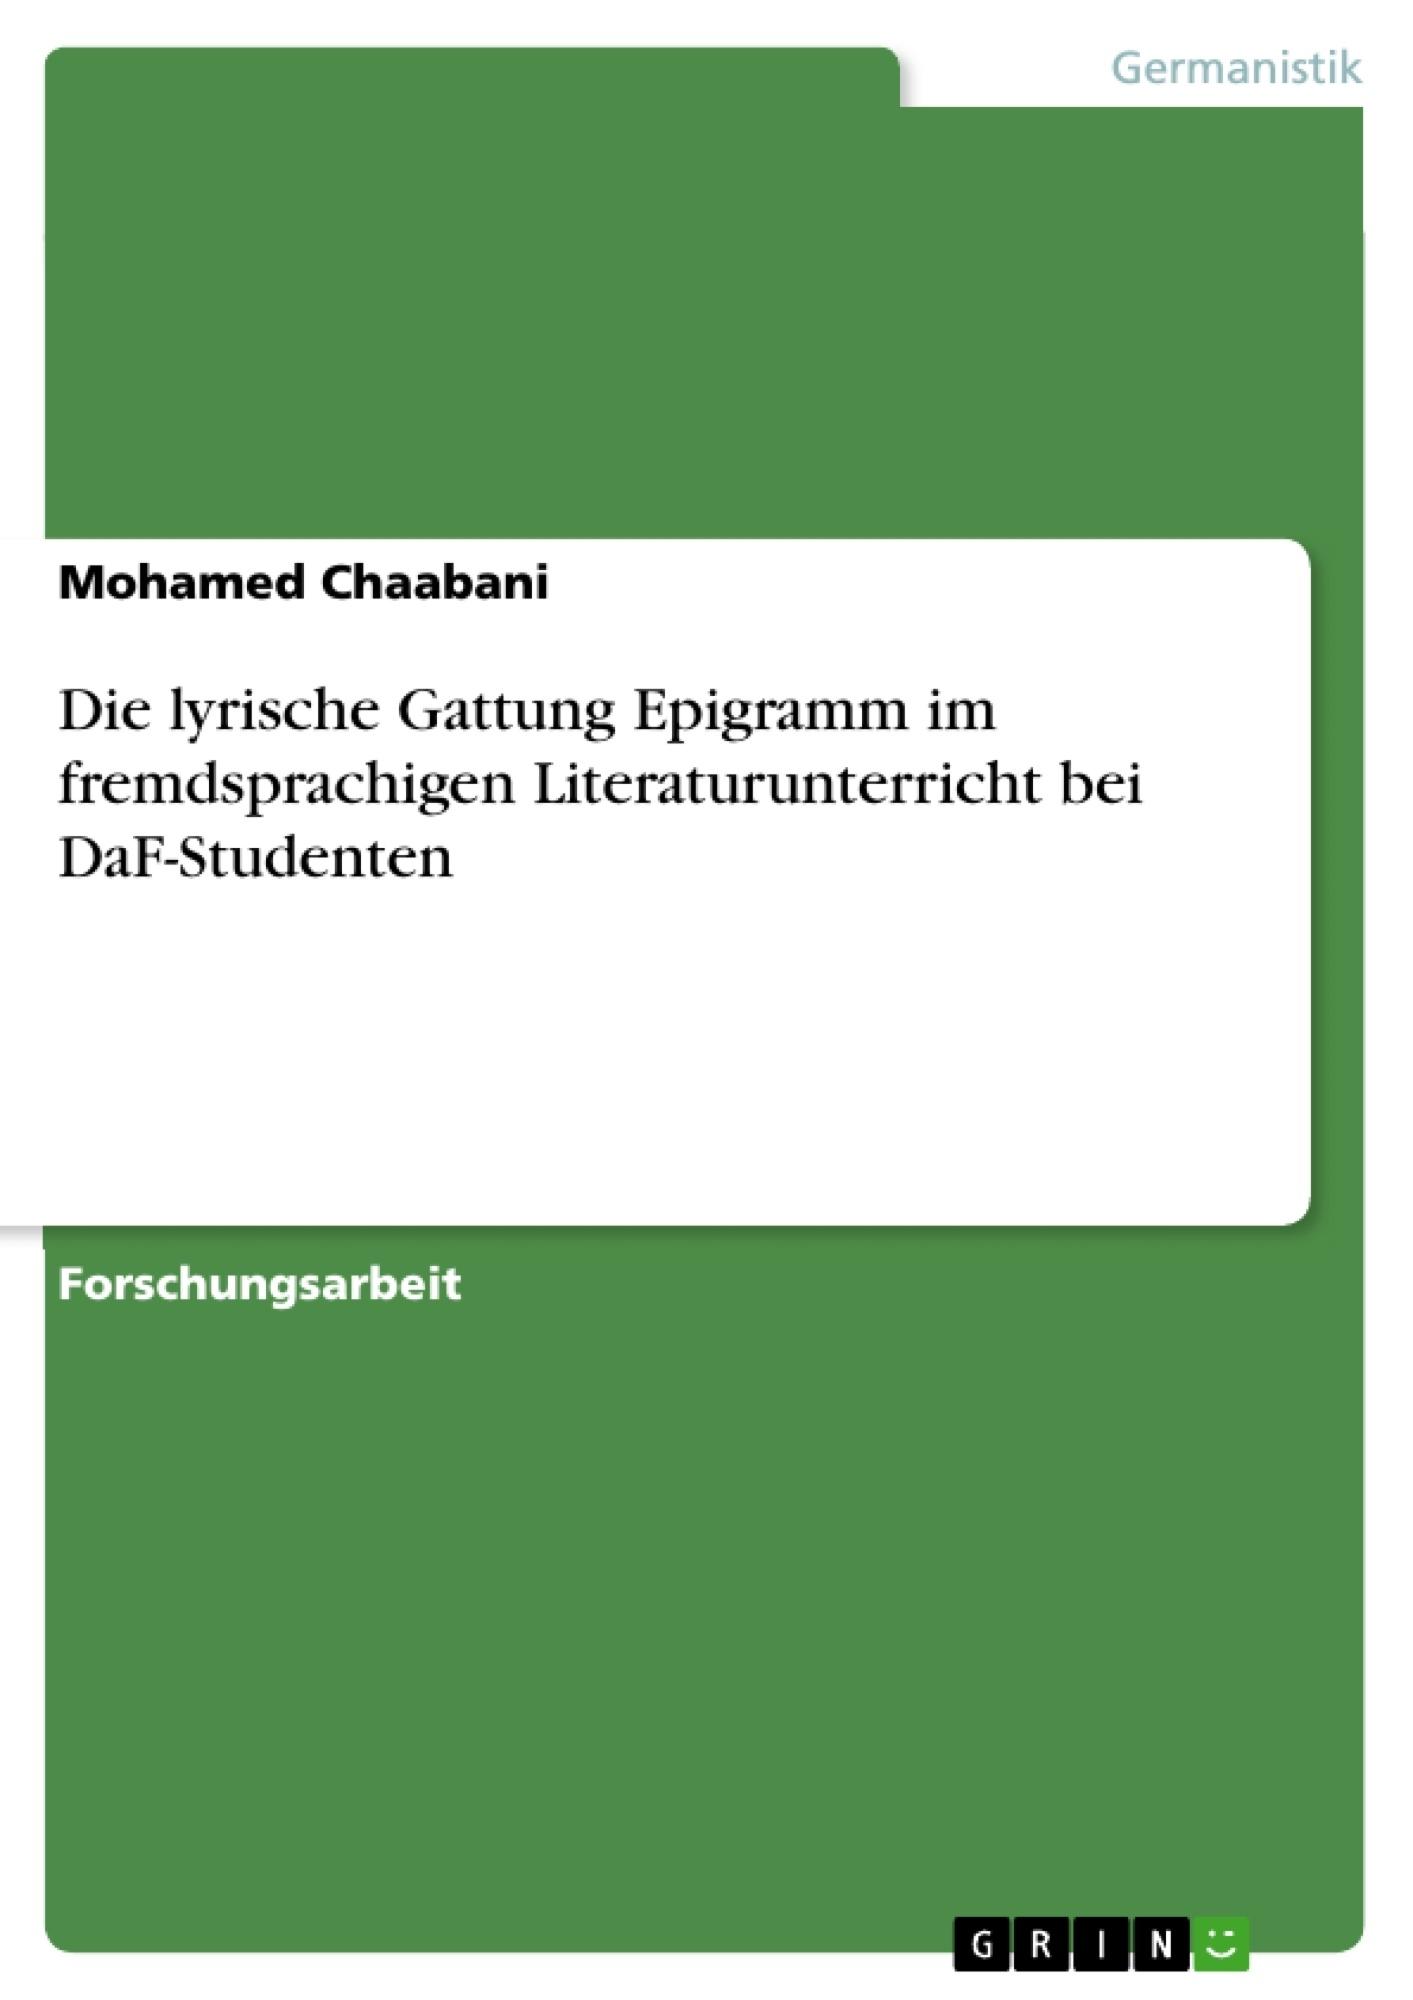 Titel: Die lyrische Gattung Epigramm im fremdsprachigen Literaturunterricht bei DaF-Studenten